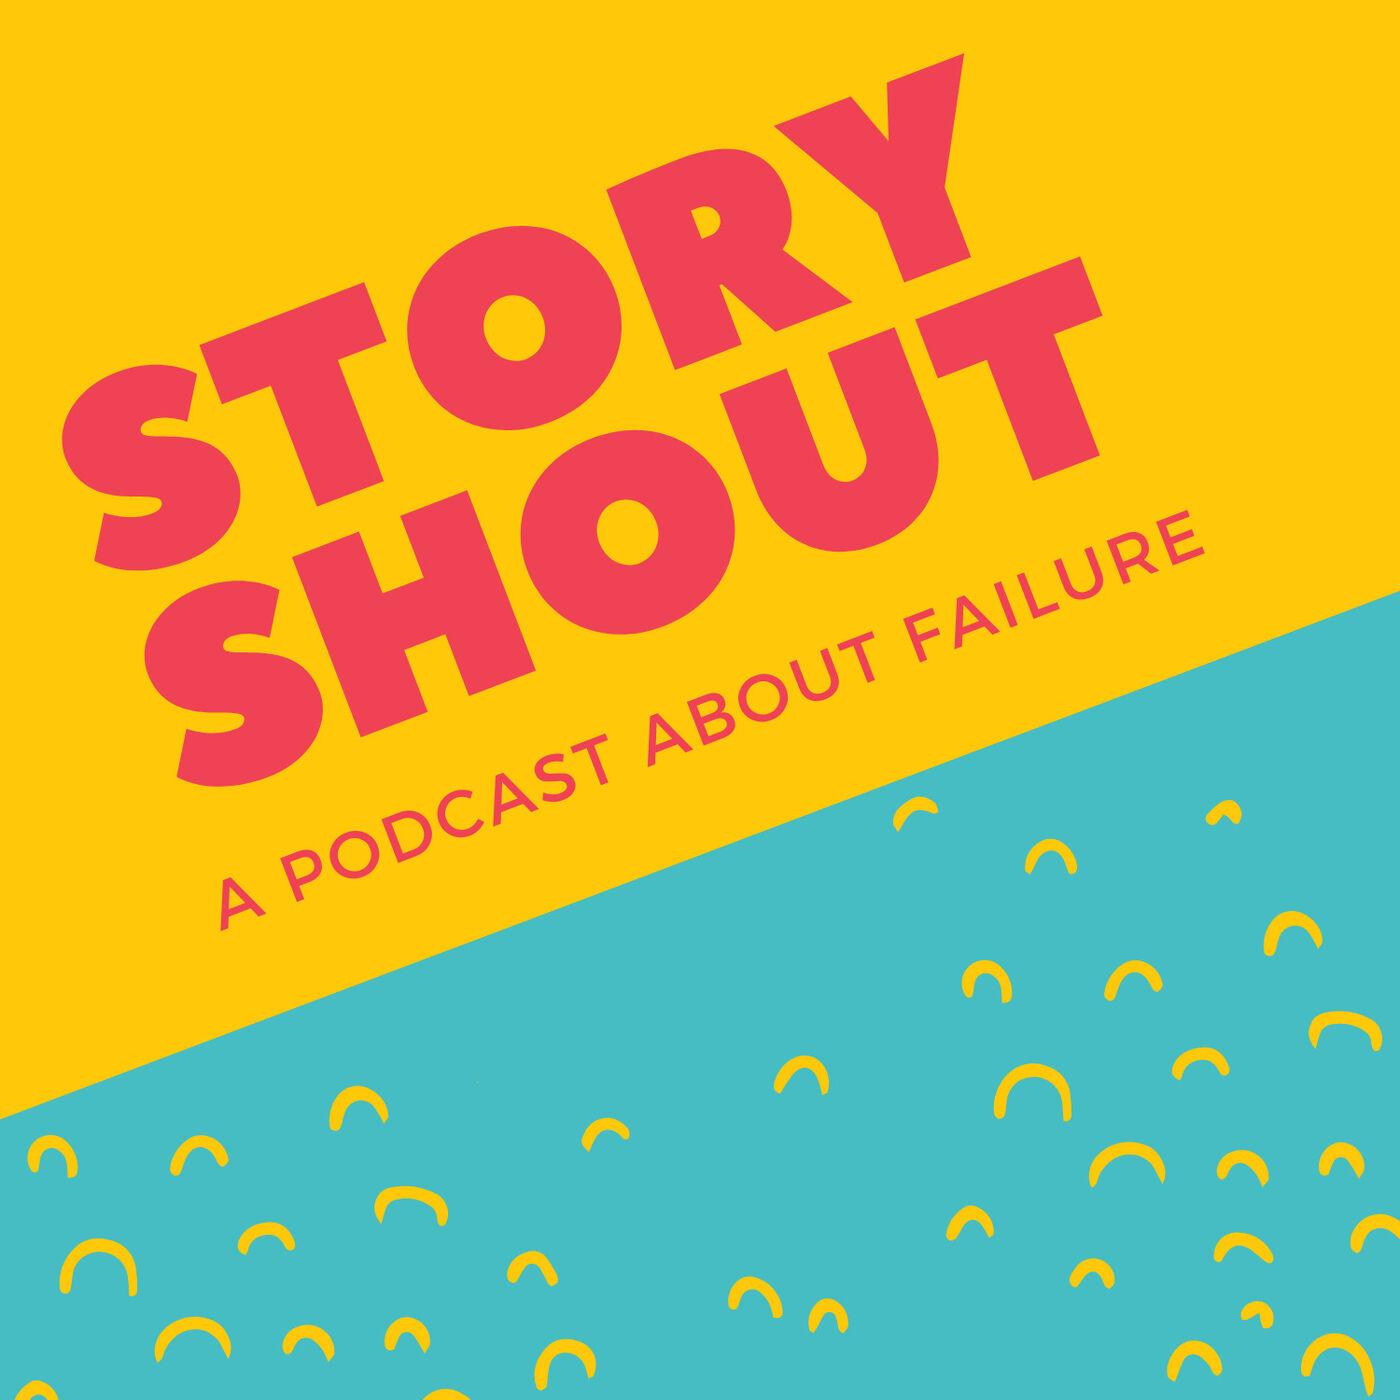 Story shout